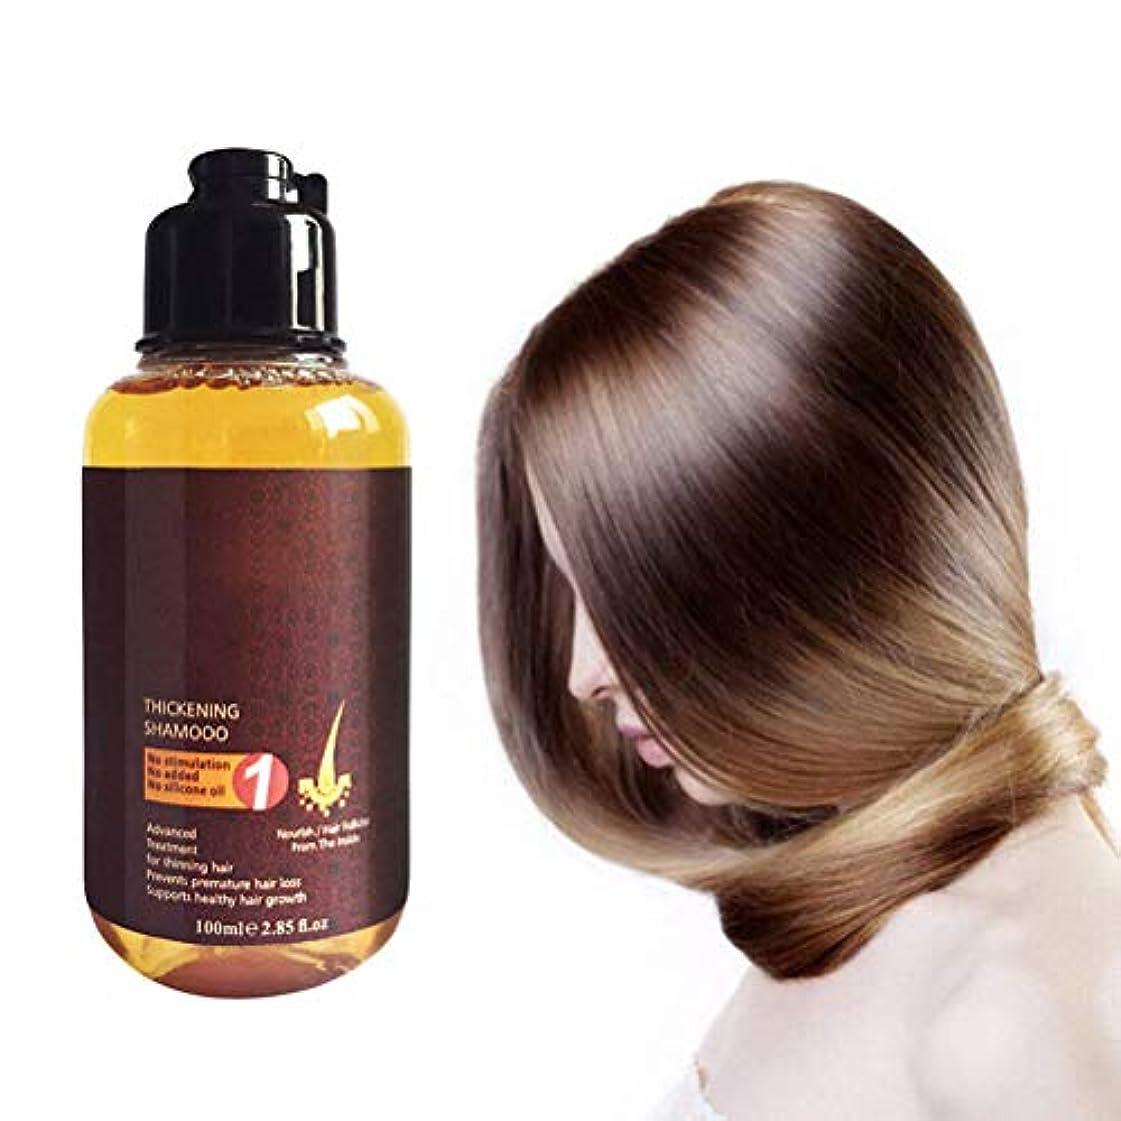 ガラガラ写真のグラスsupbel ヘアケアエッセンシャルオイル 天然オイル アルガンオイル ヘアケア 栄養補給 モイスチャライザー 保湿 スカルプドライヘア トリートメント やわらか なめらか スプリット 乾燥 傷んだ髪 修復 男女兼用 100ml